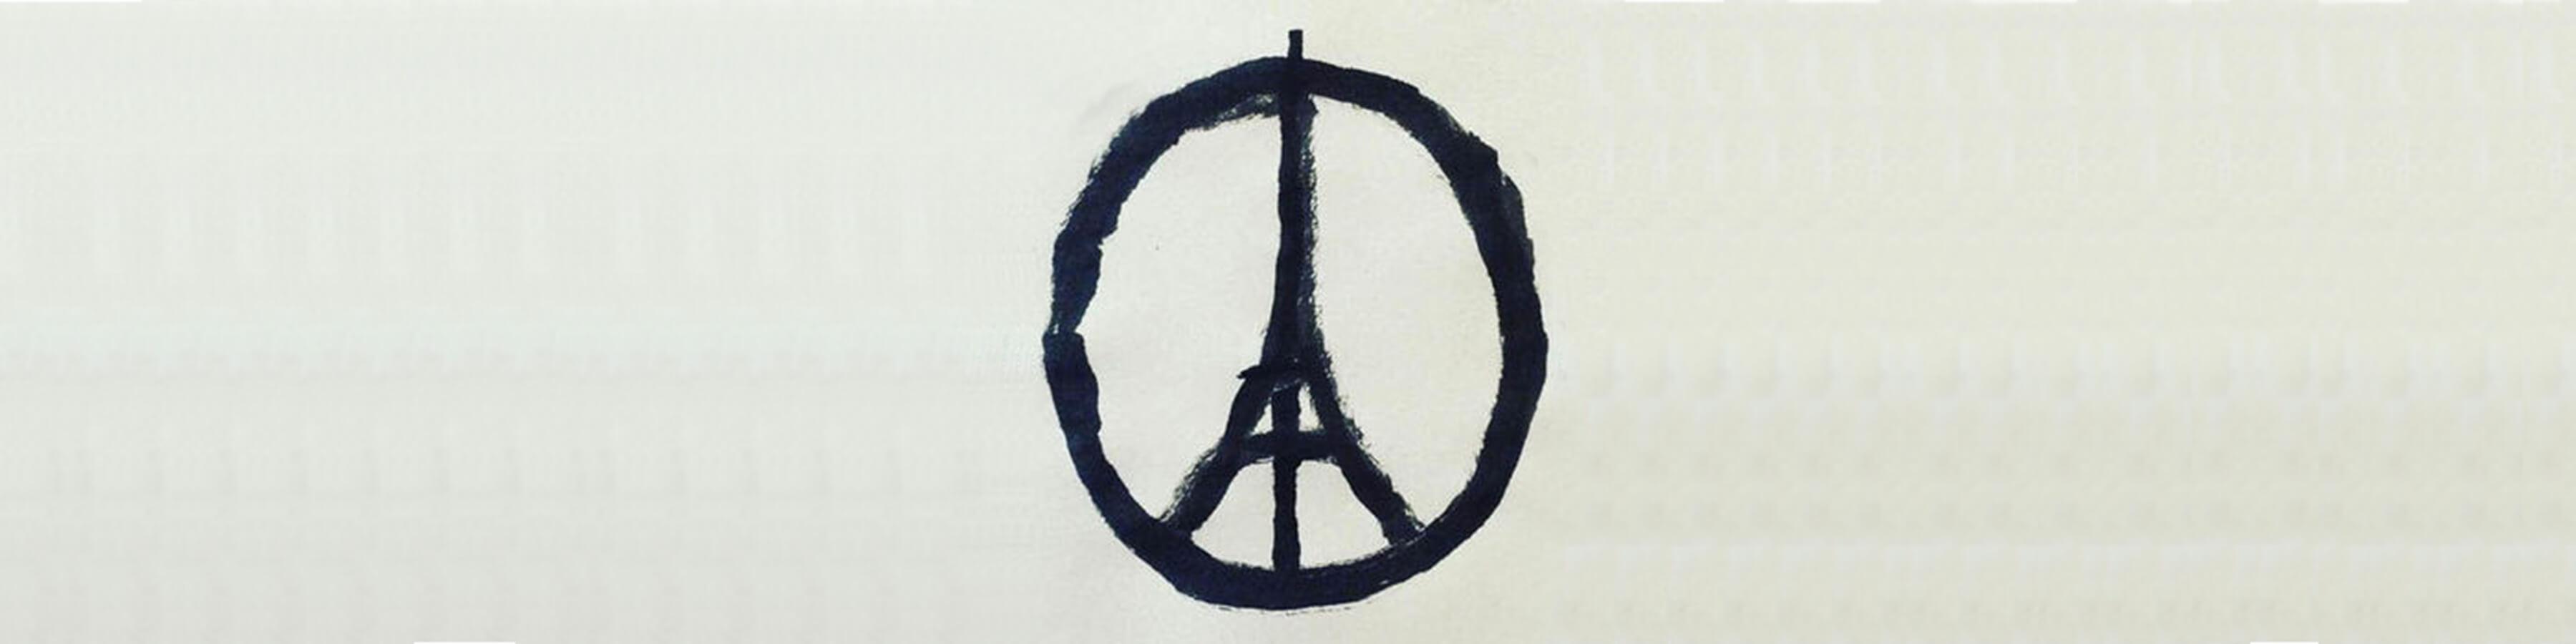 Après les attentats, notre unité est une force